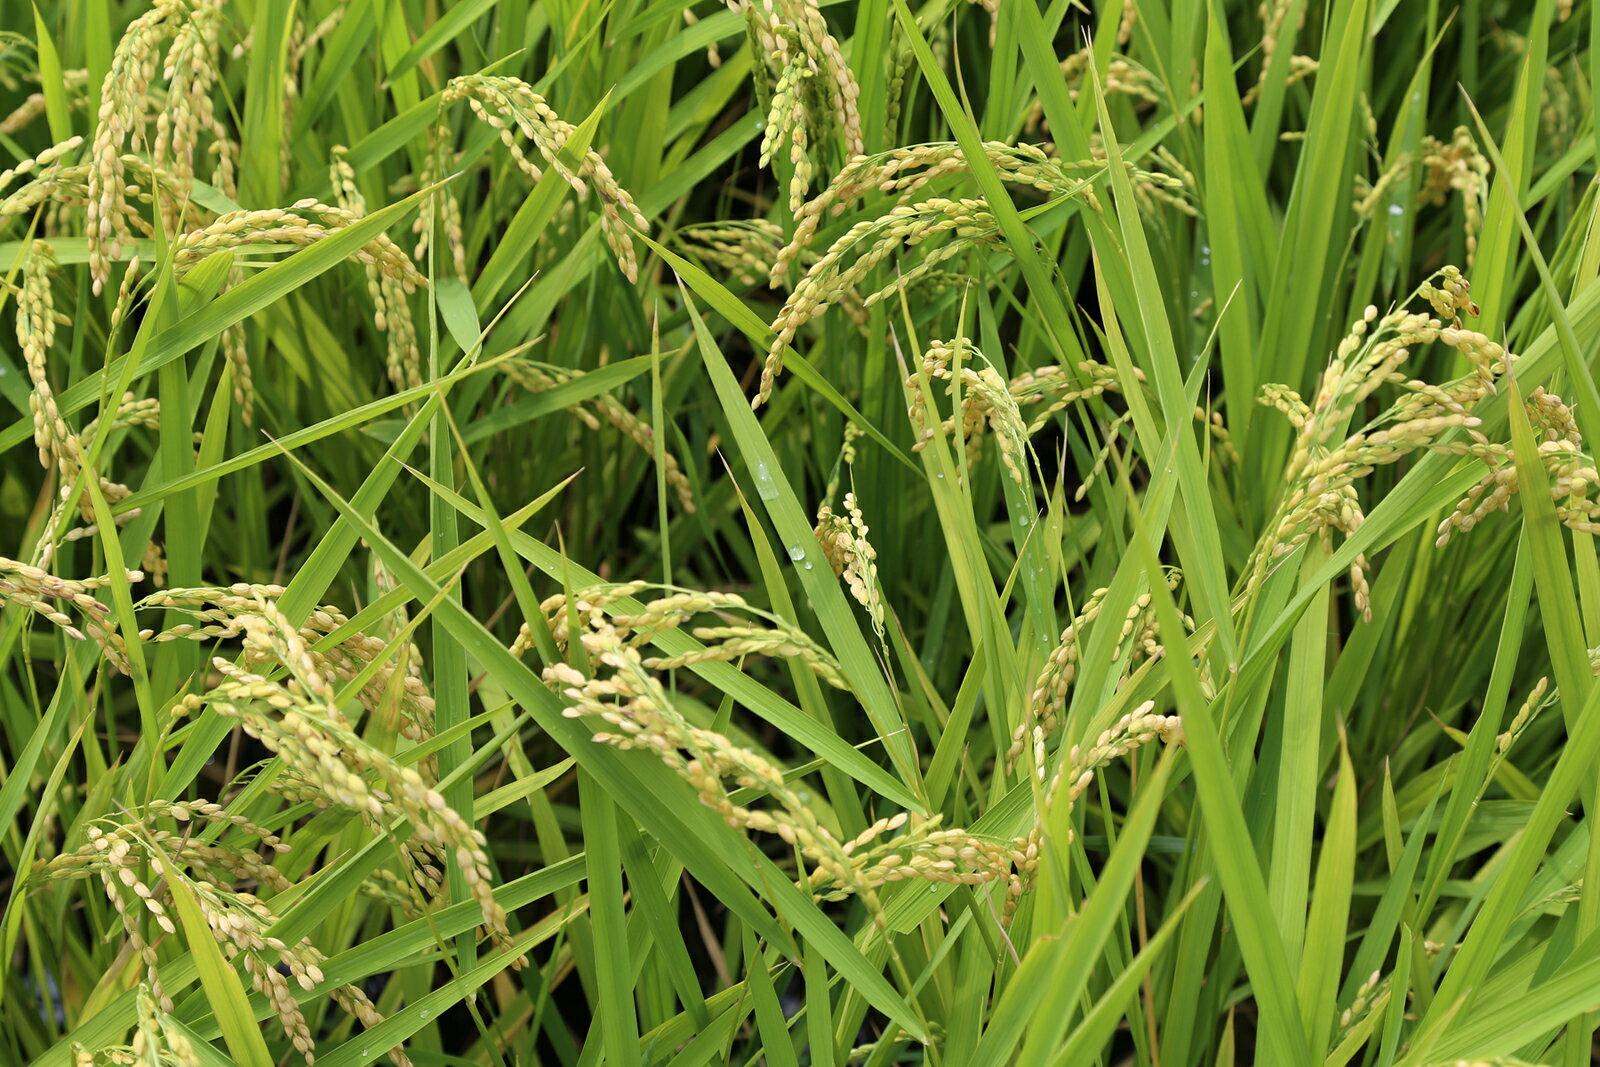 米 お米 新米 日本晴 環境こだわり米 玄米のまま20kgもしくは精米済み白米20kg 【平成30年・滋賀県産】【送料無料】